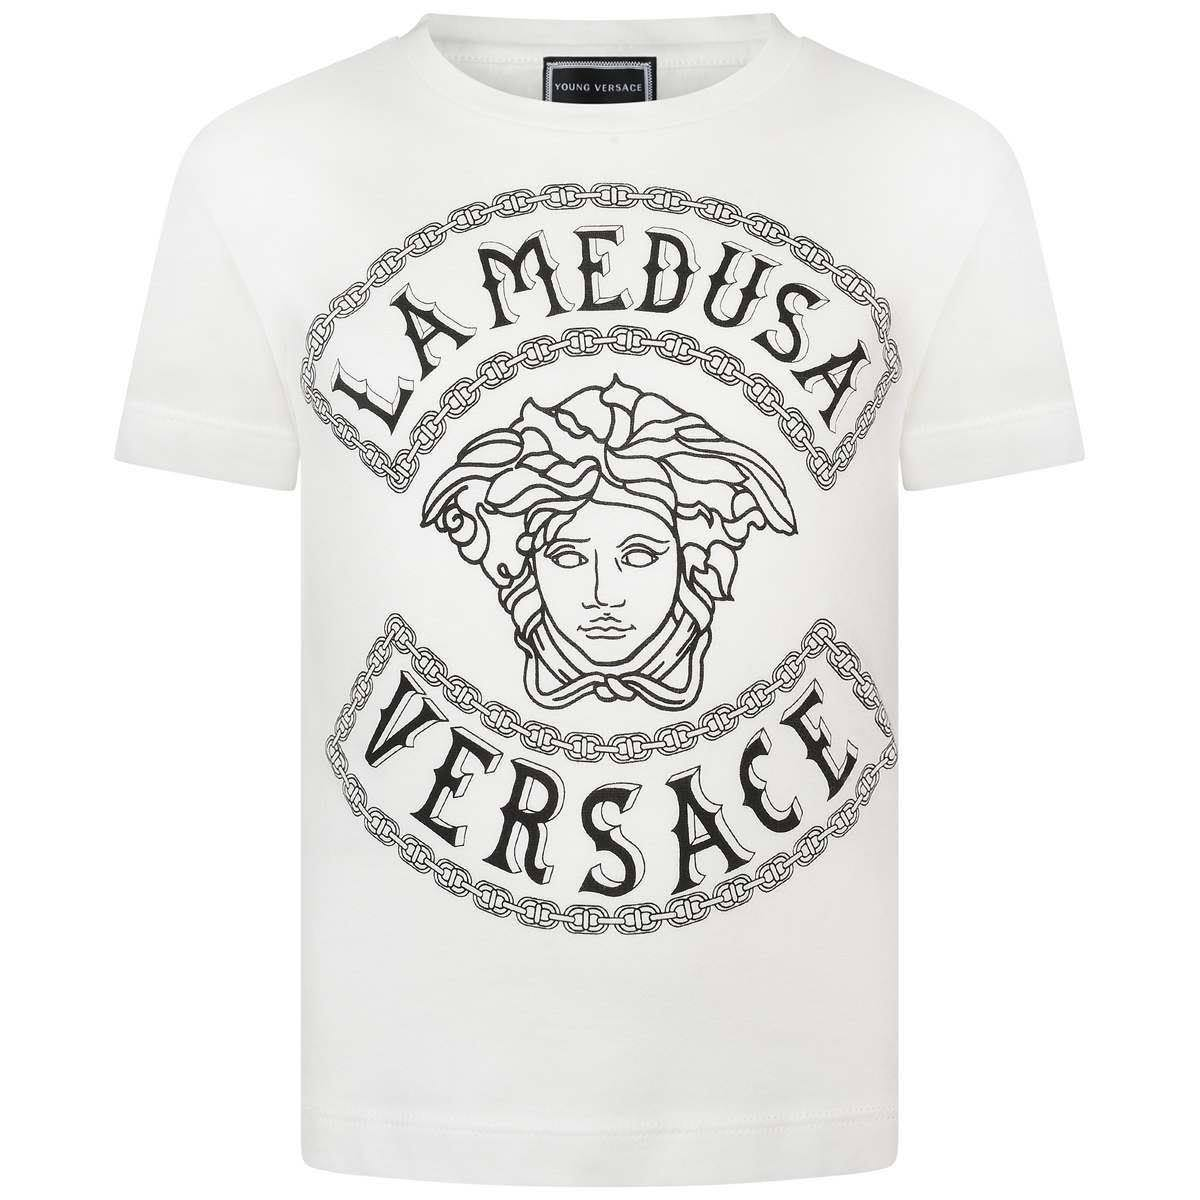 Algodón Blanco 14 Top Medusa Boys Años Versace L Young 6qaTf4nw